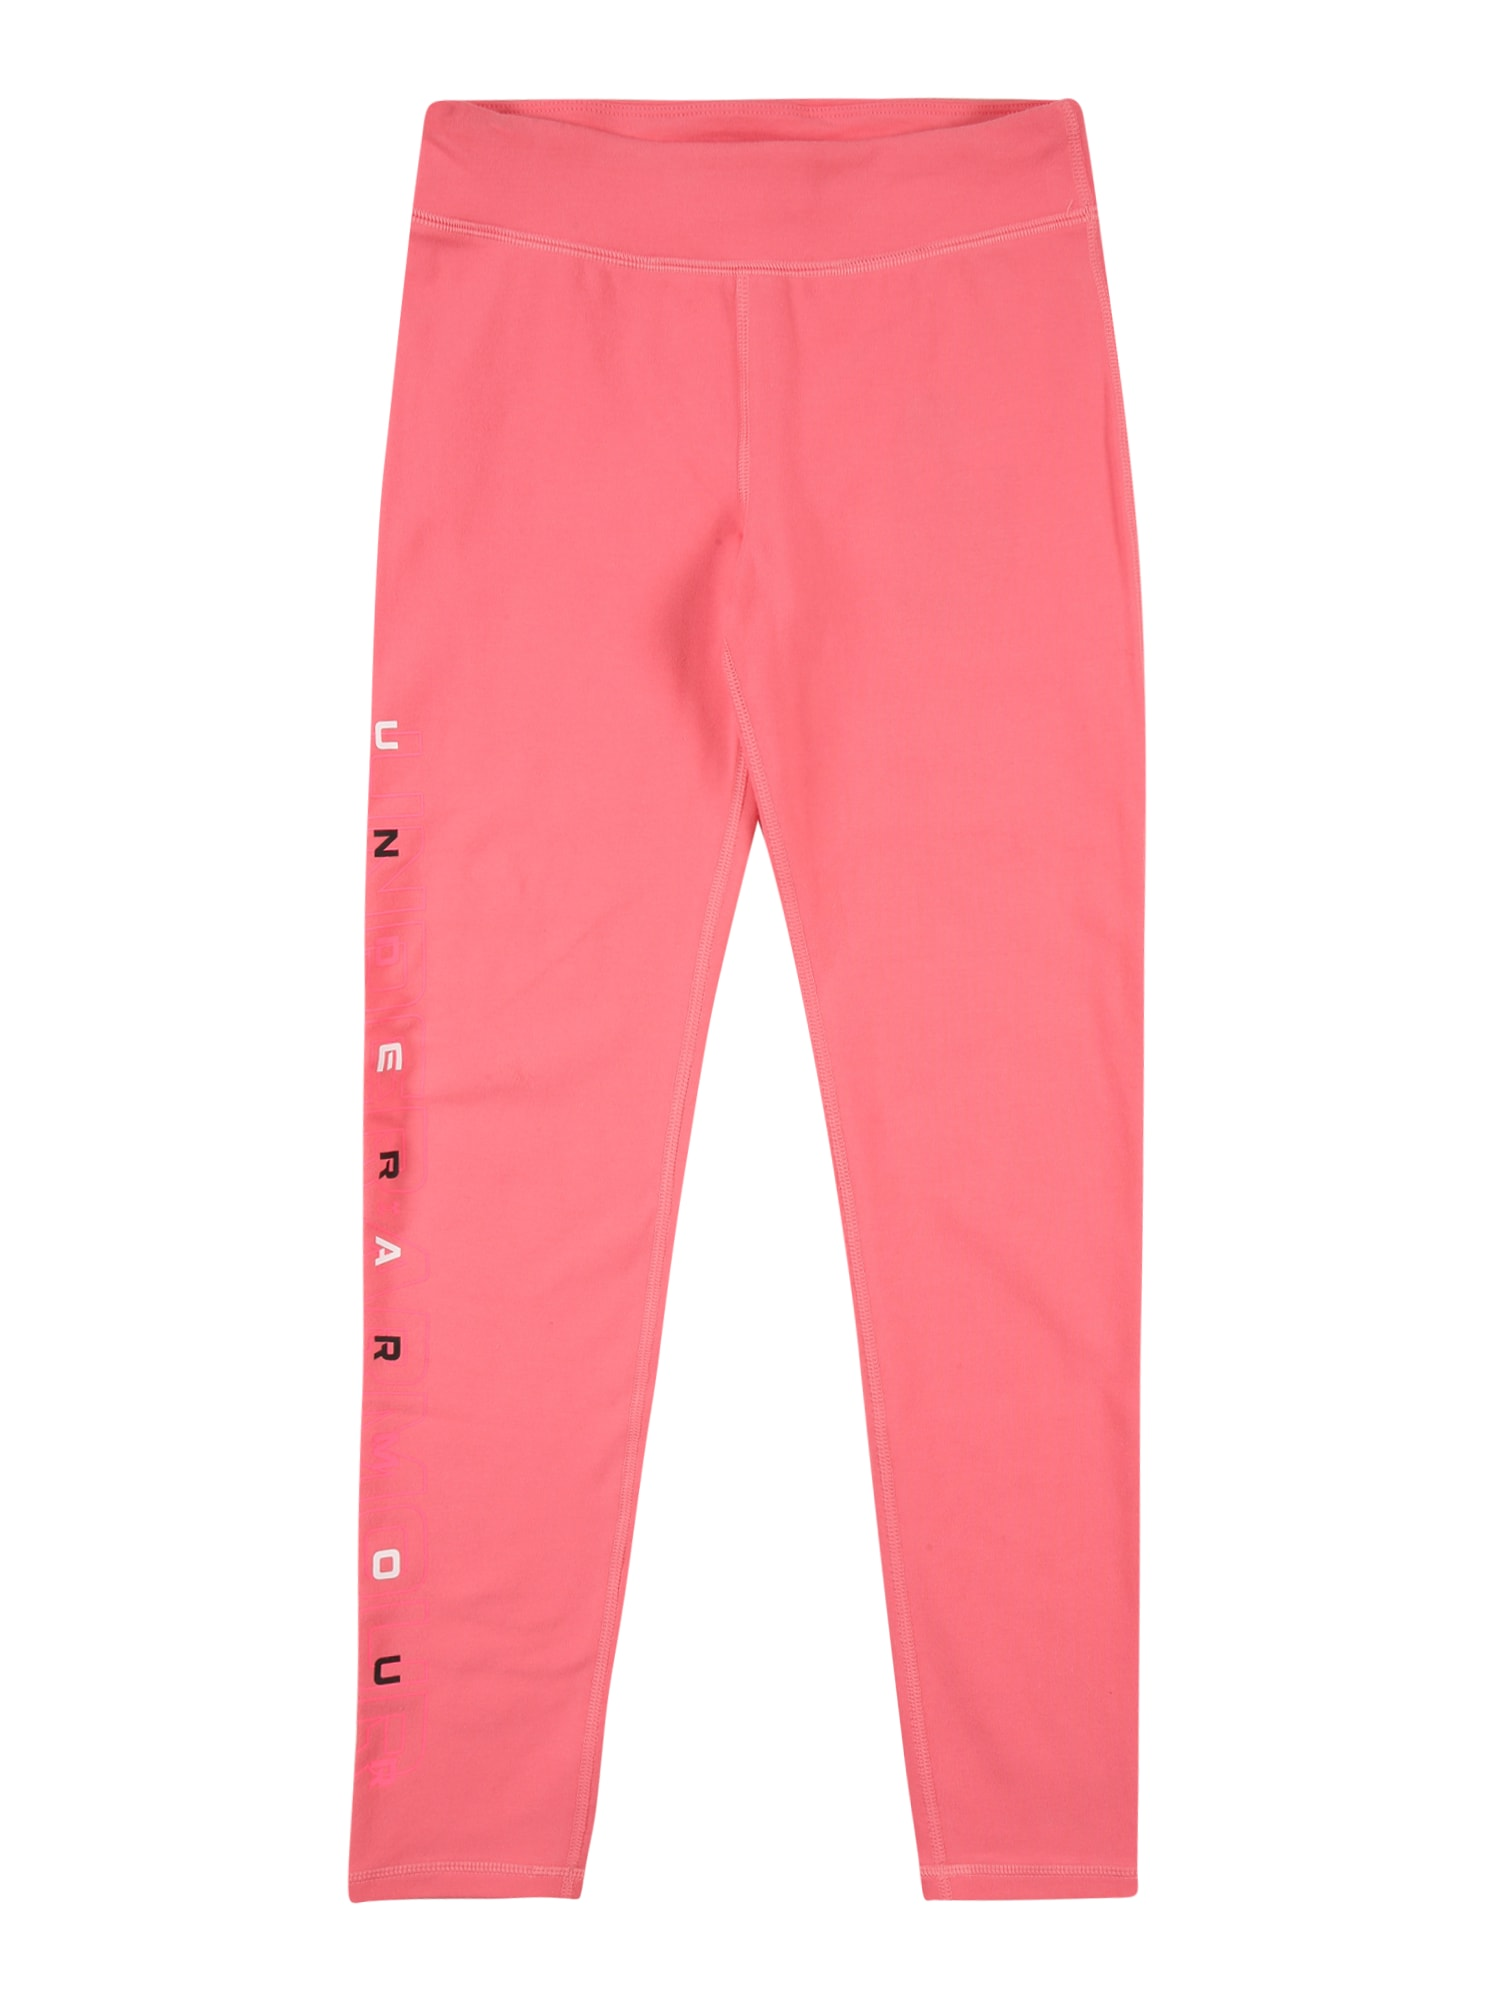 UNDER ARMOUR Sportinės kelnės šviesiai rožinė / balta / juoda